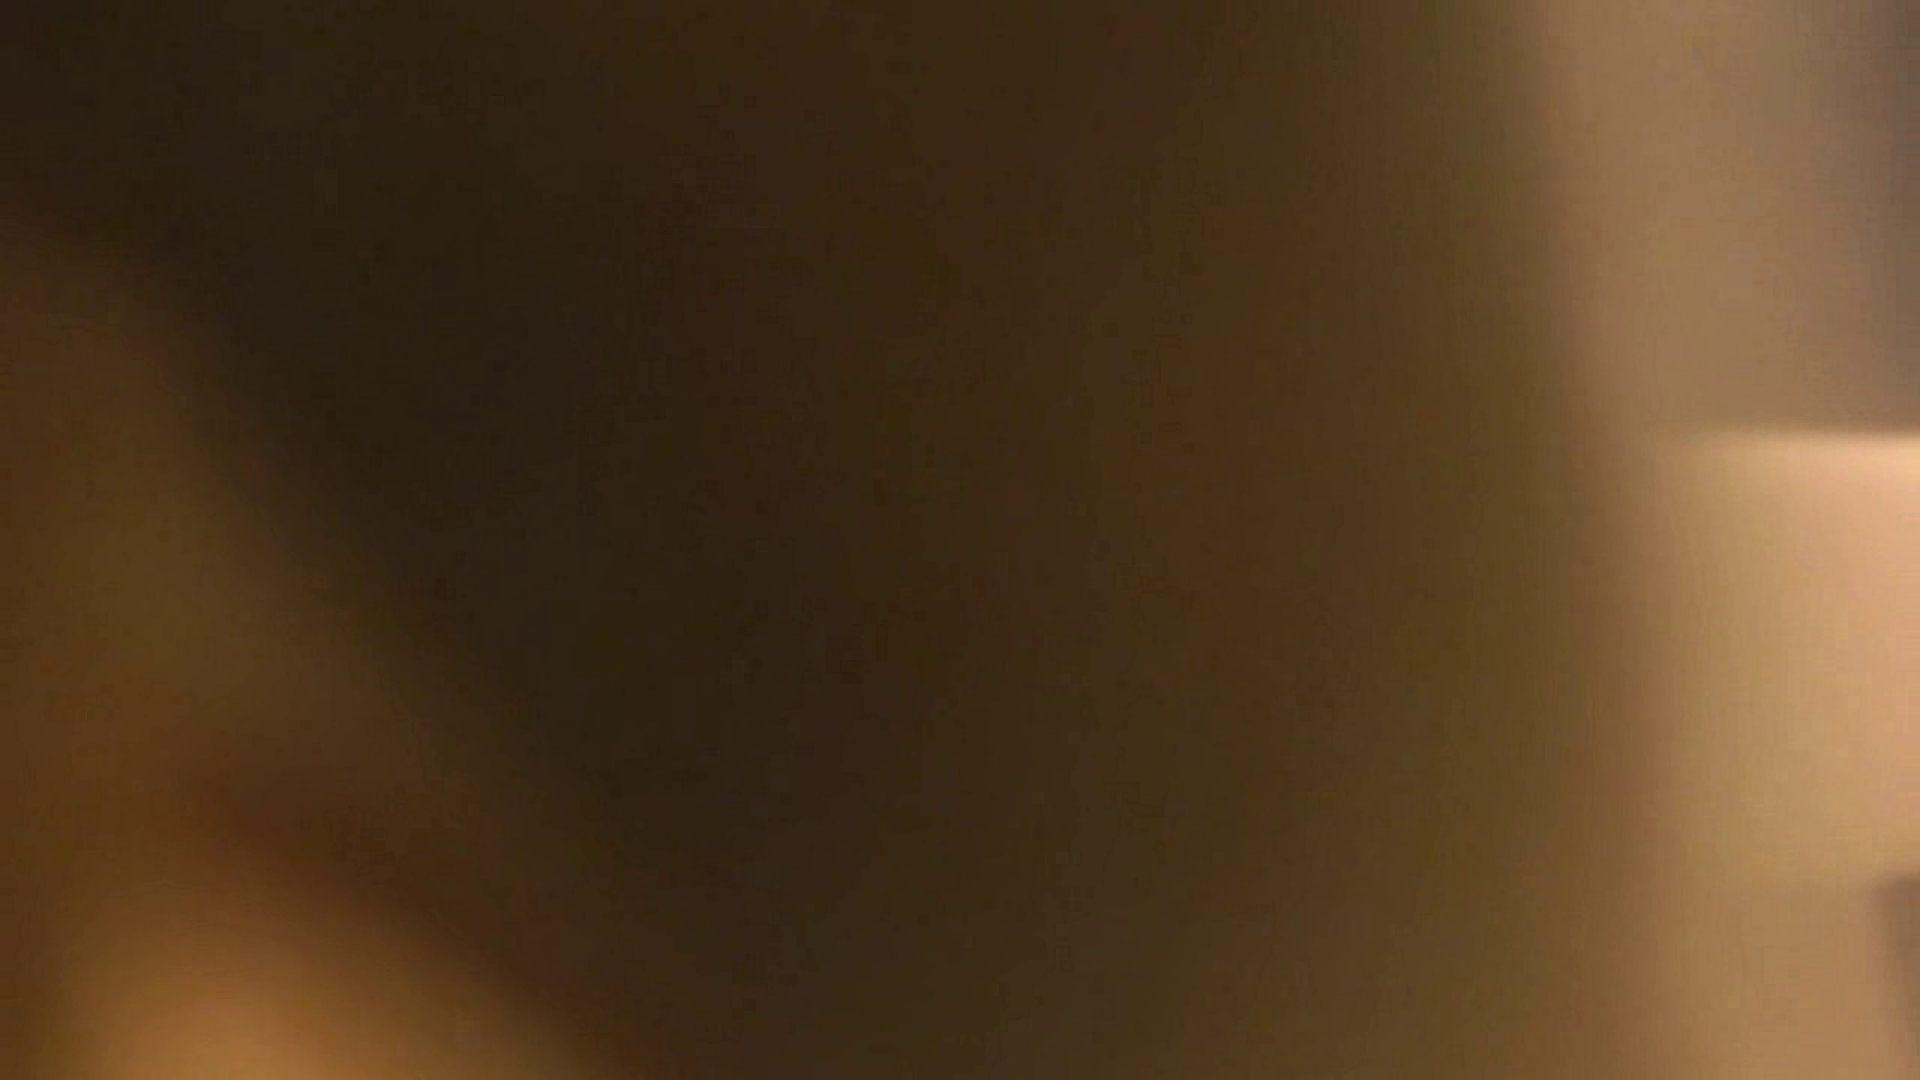 vol.1 Mayumi 窓越しに入浴シーン撮影に成功 OL   入浴シーン  89連発 46